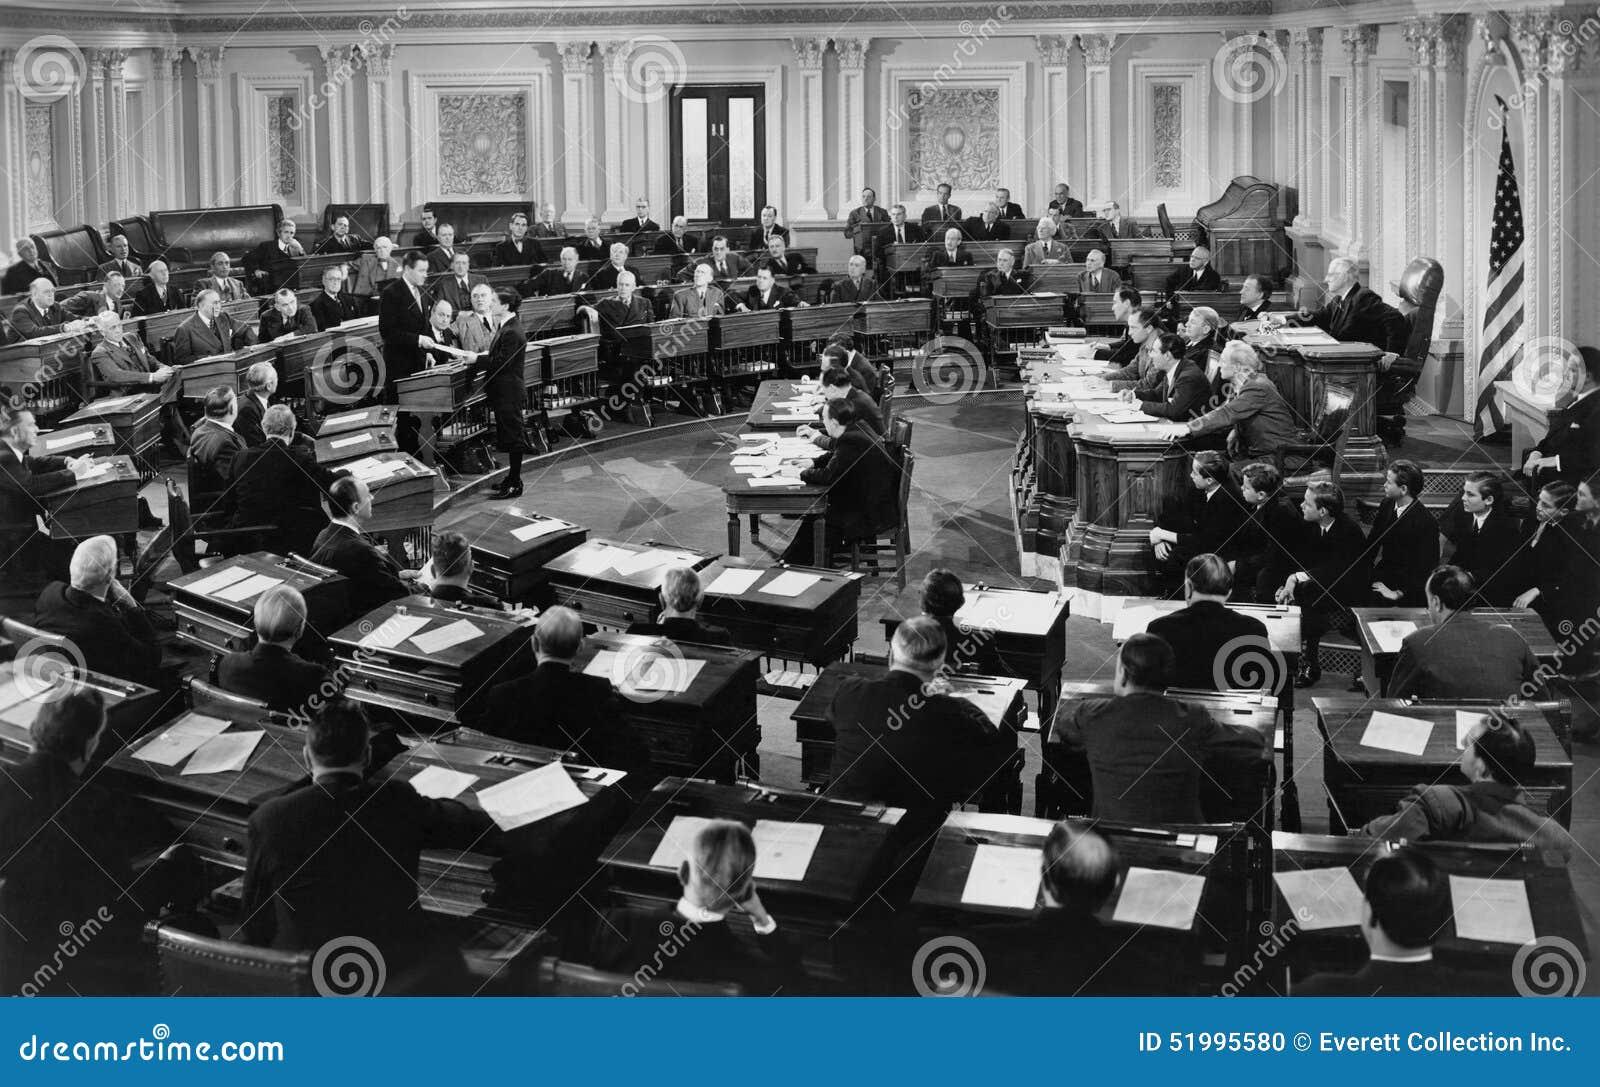 国会(所有人被描述不更长生存,并且庄园不存在 供应商保单将没有式样releas